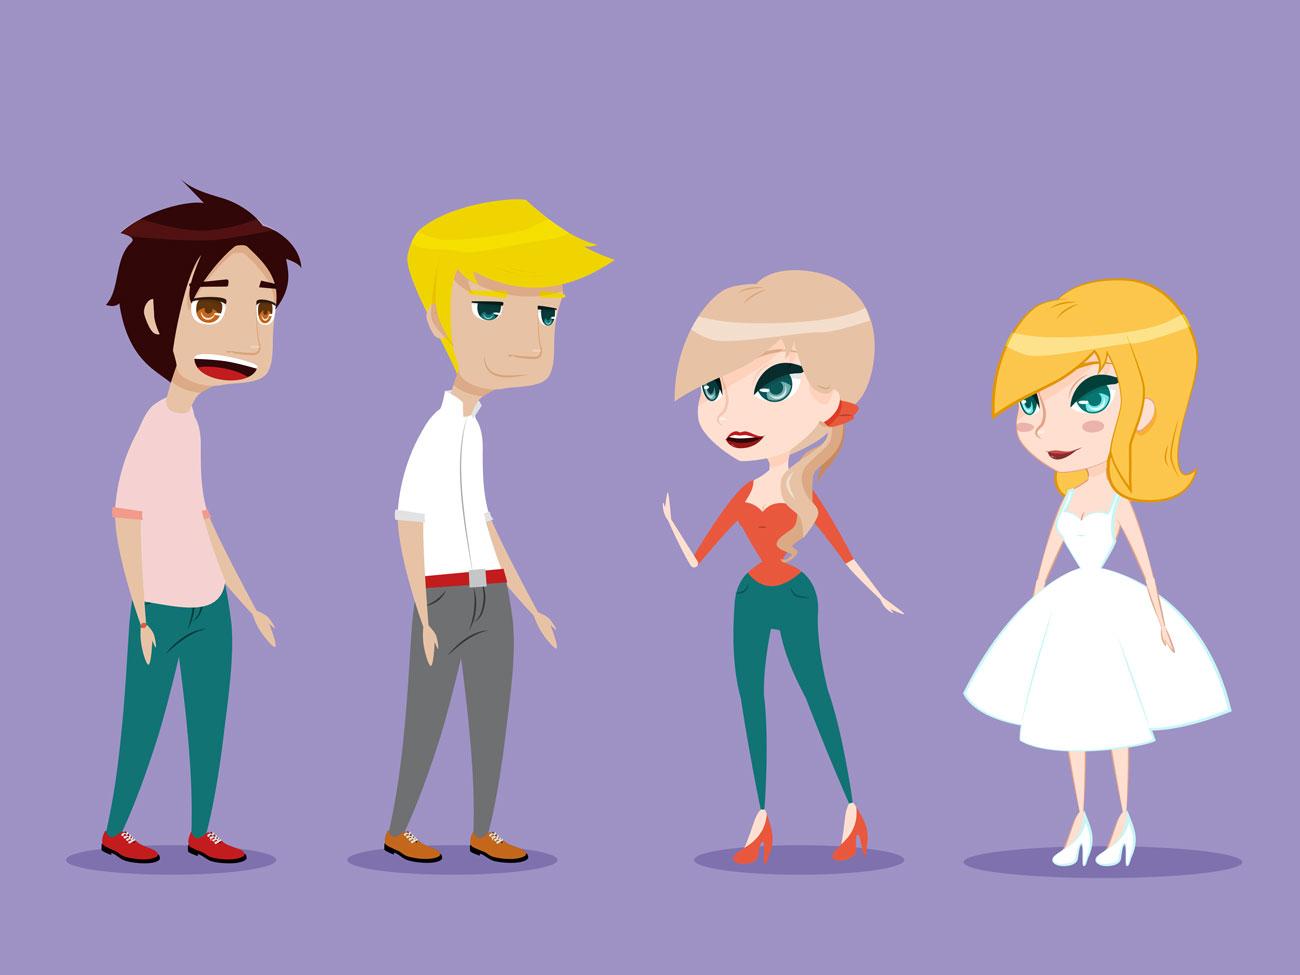 Charakterdesign Alltagscharaktere